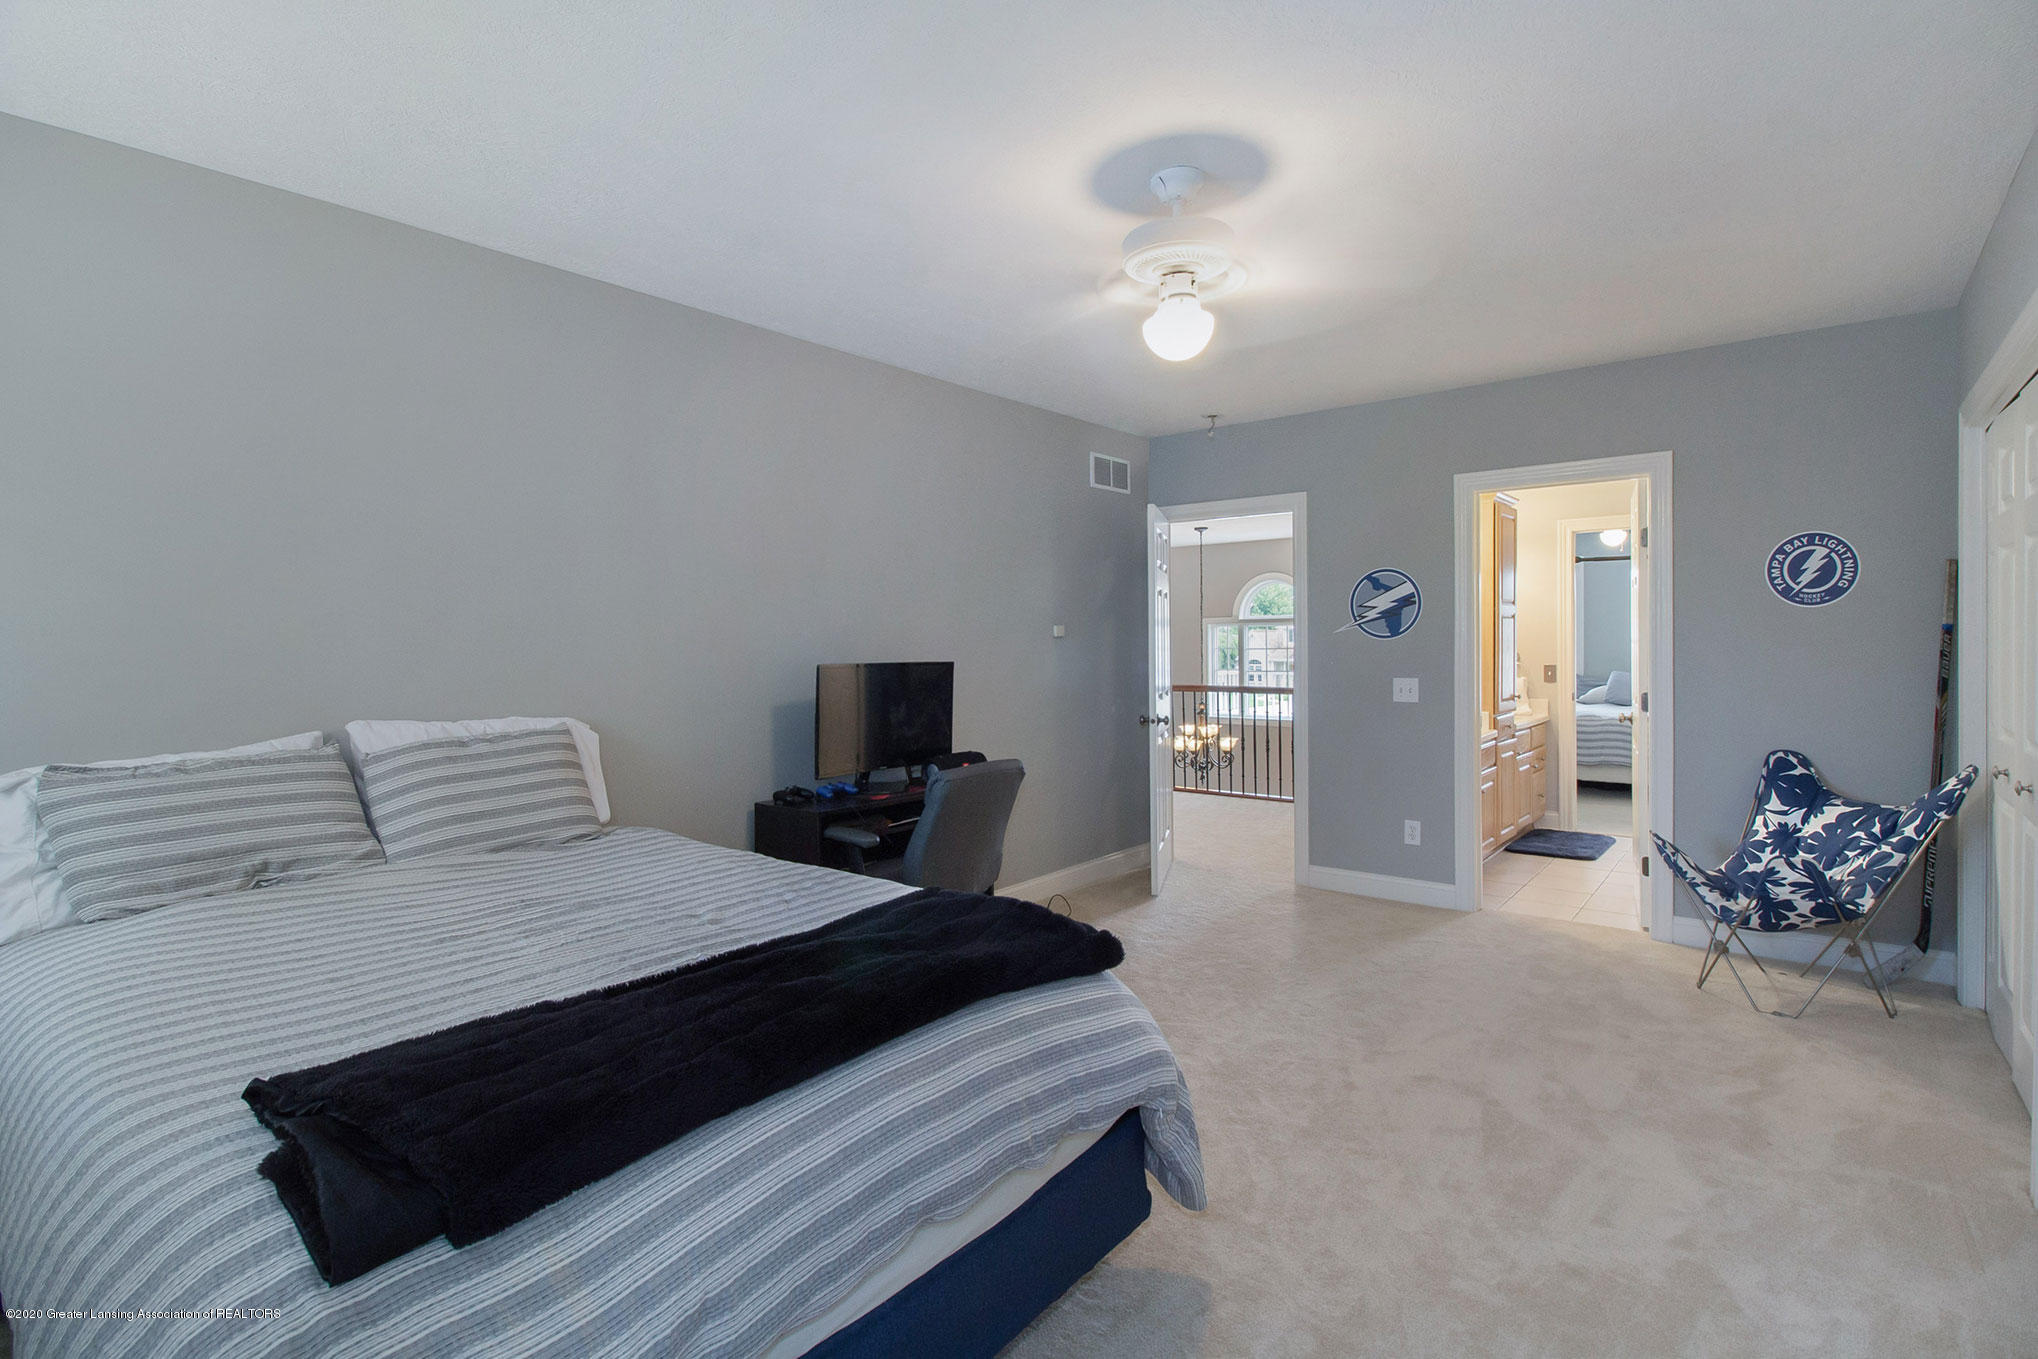 2223 Cawdor Ct - Upstairs bedroom - 29